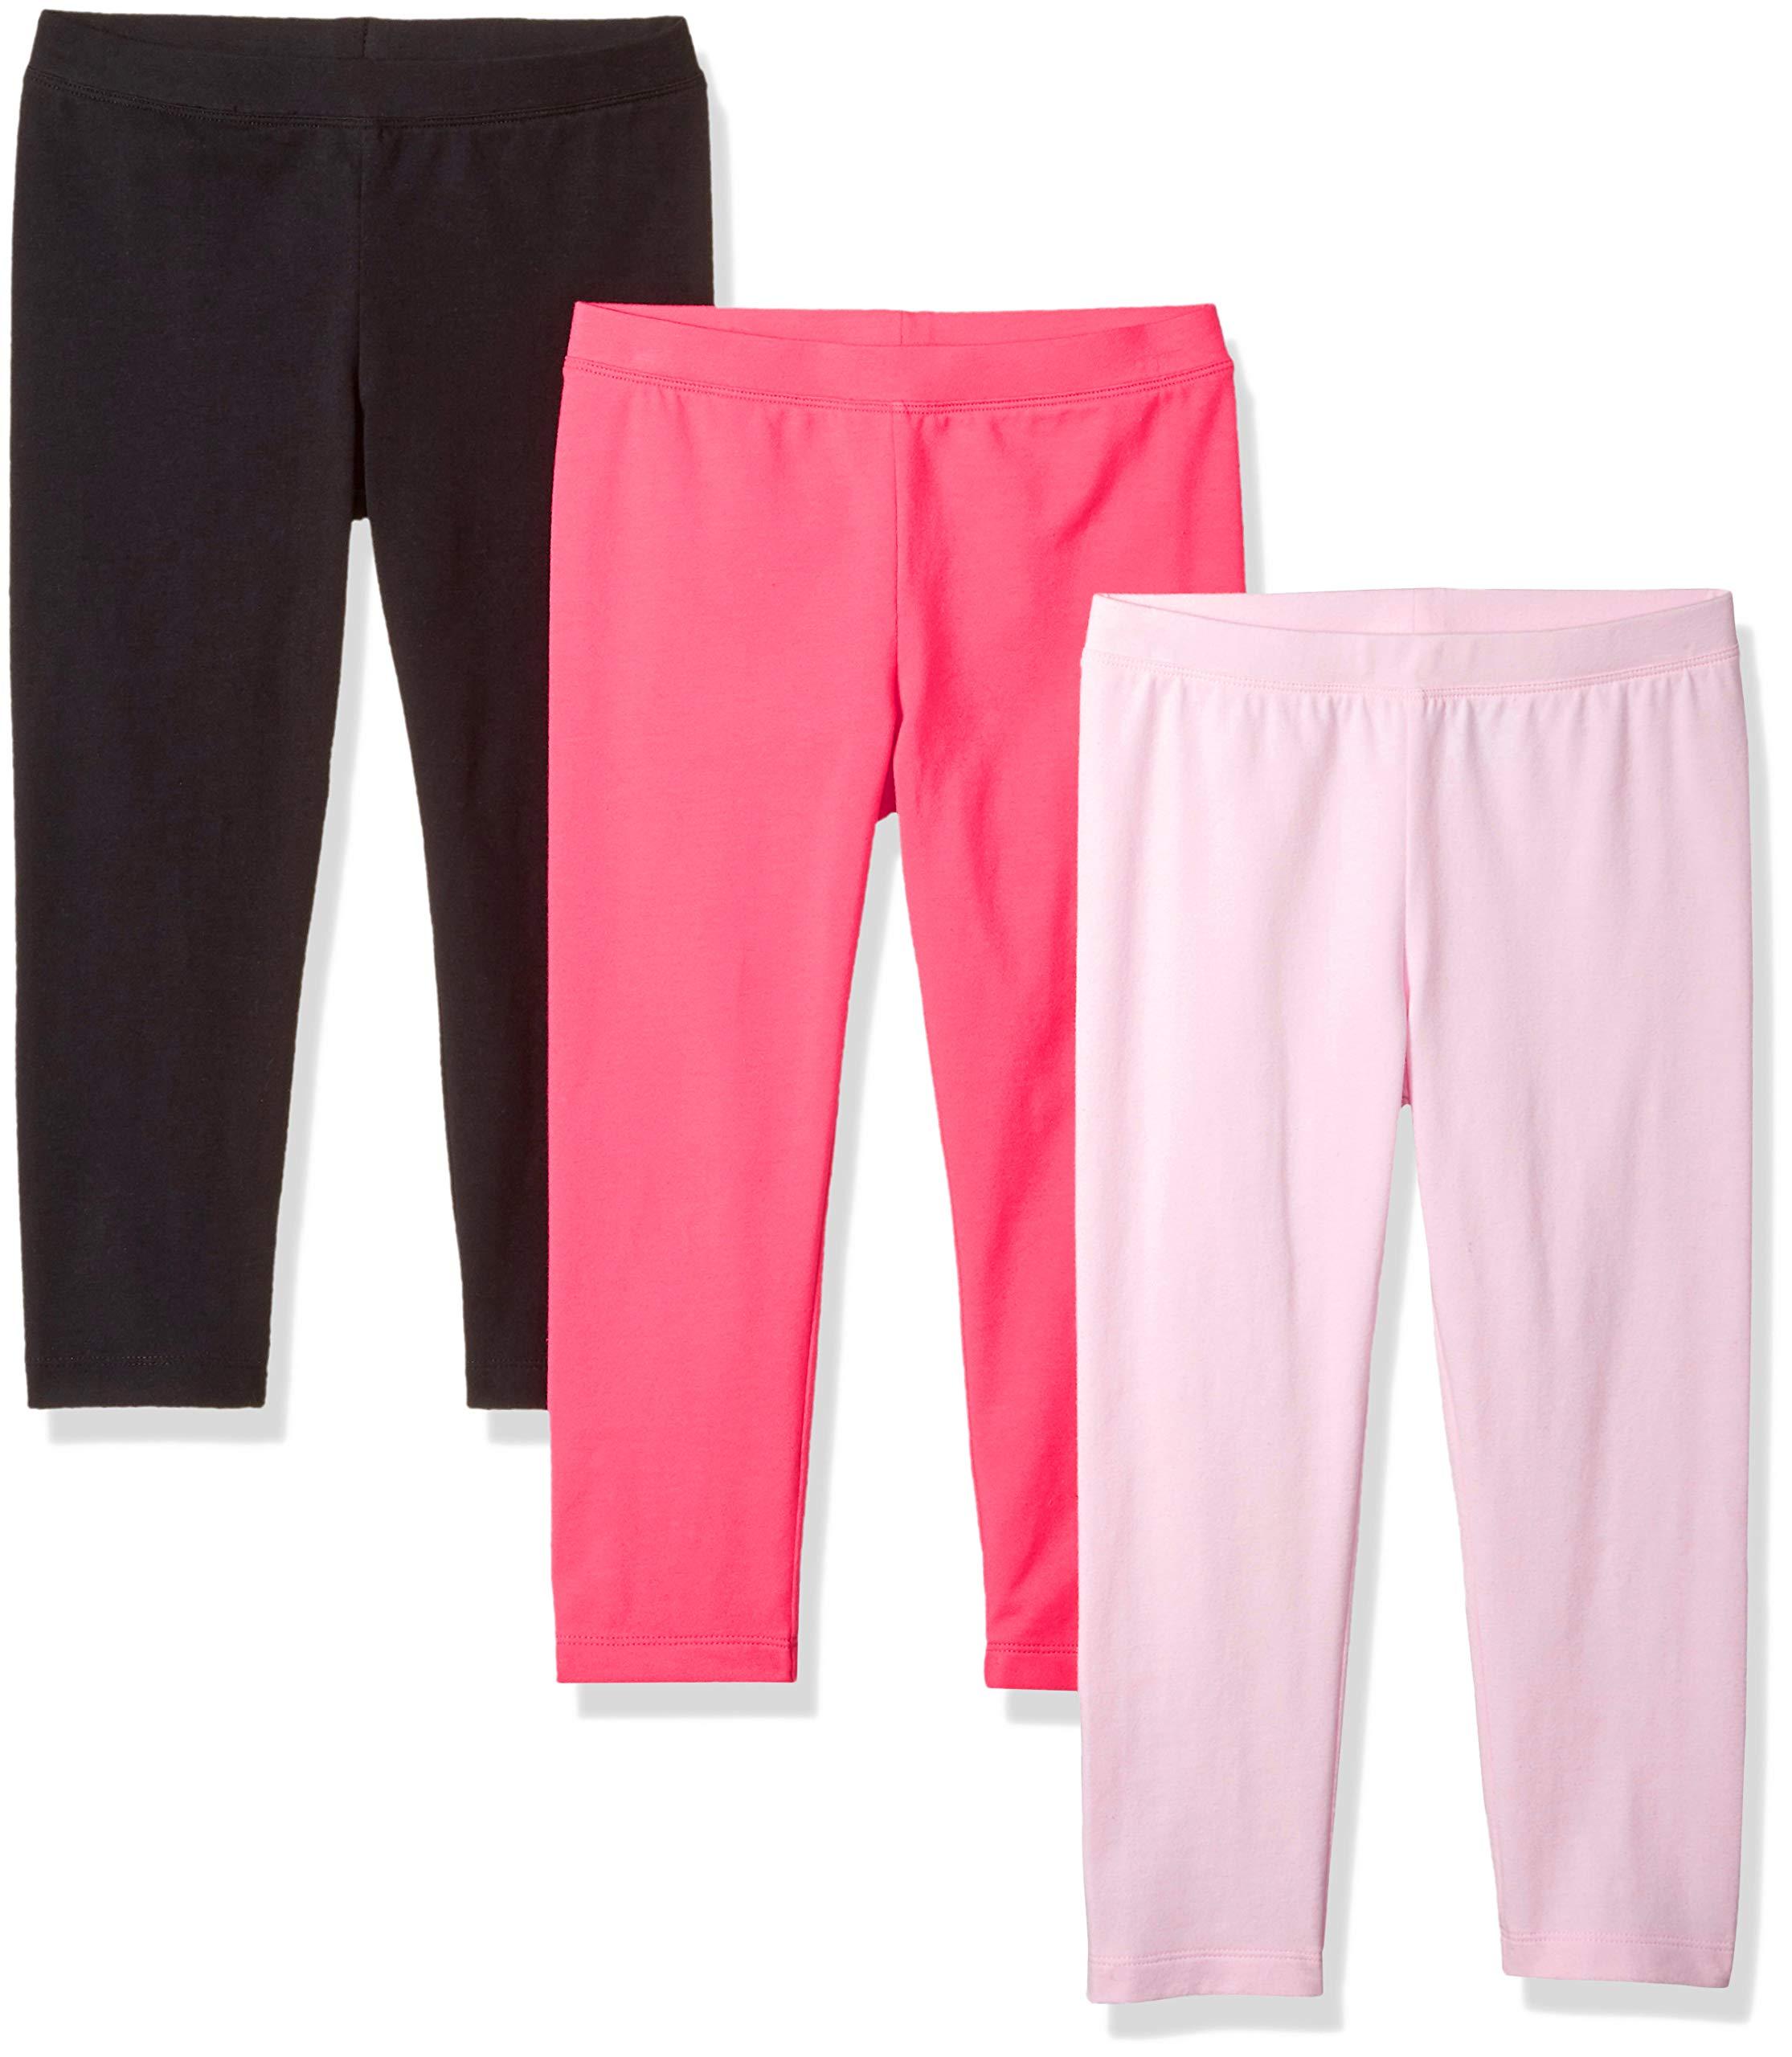 Essentials Girls 3-pack Capri Legging